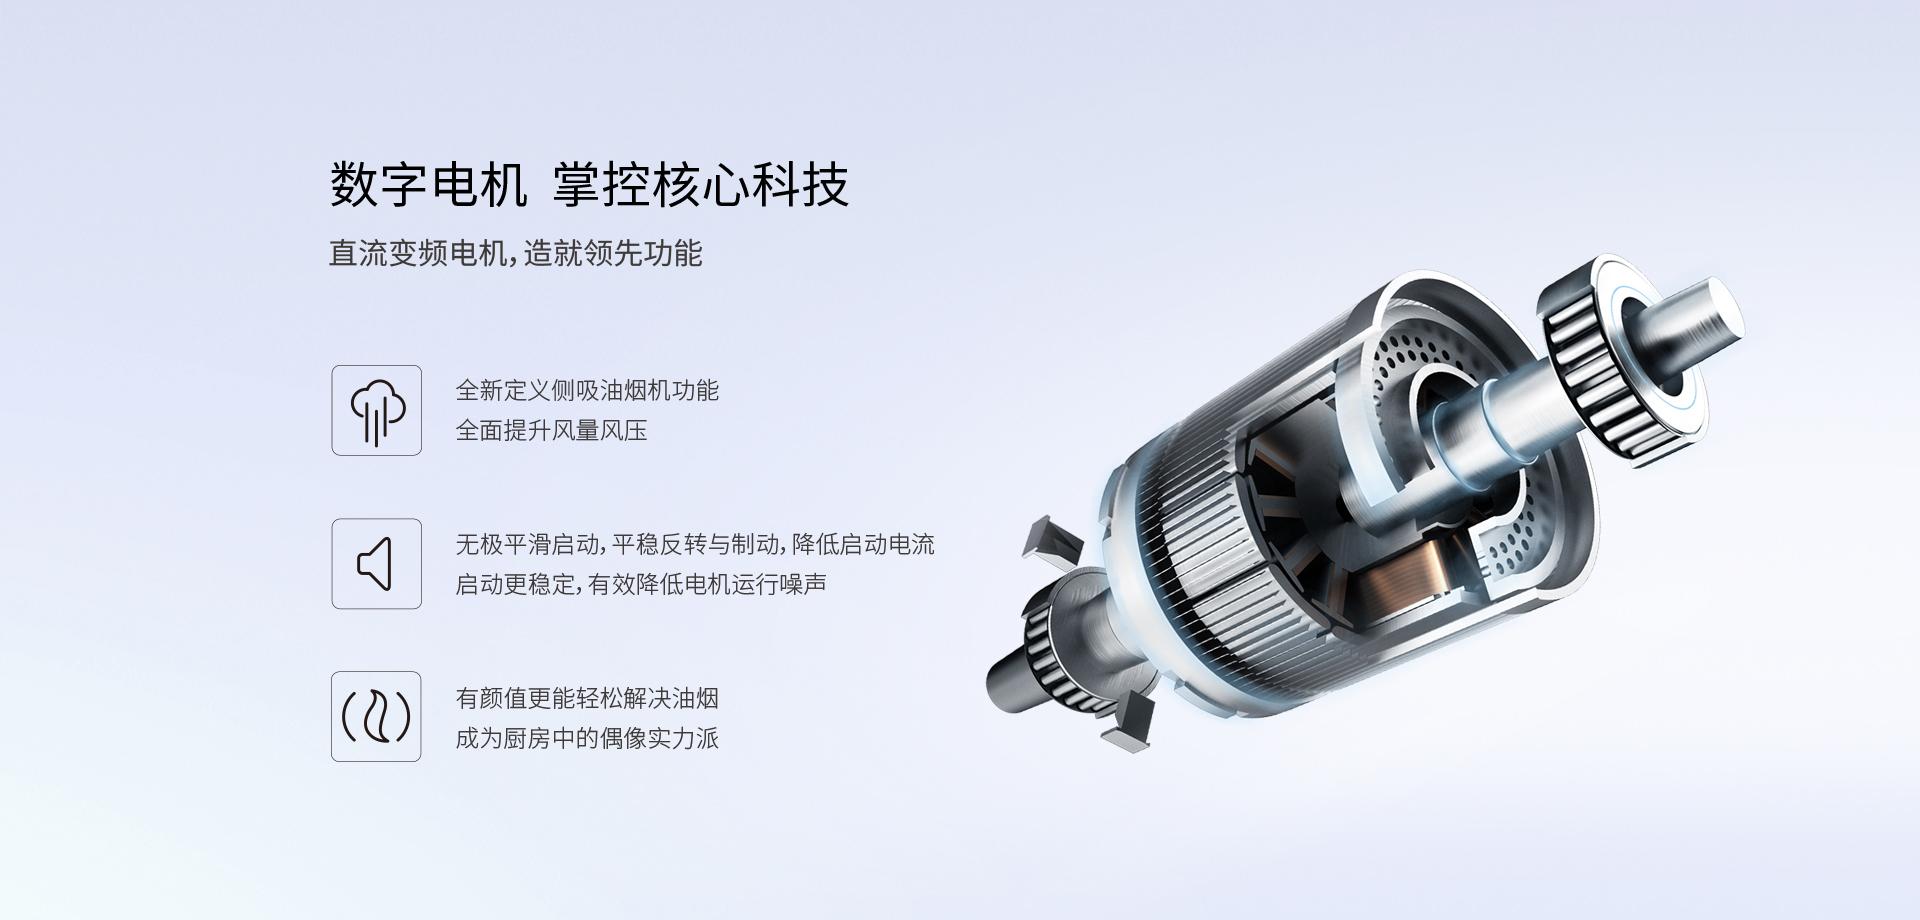 5900S优化-PC-1101_05.jpg